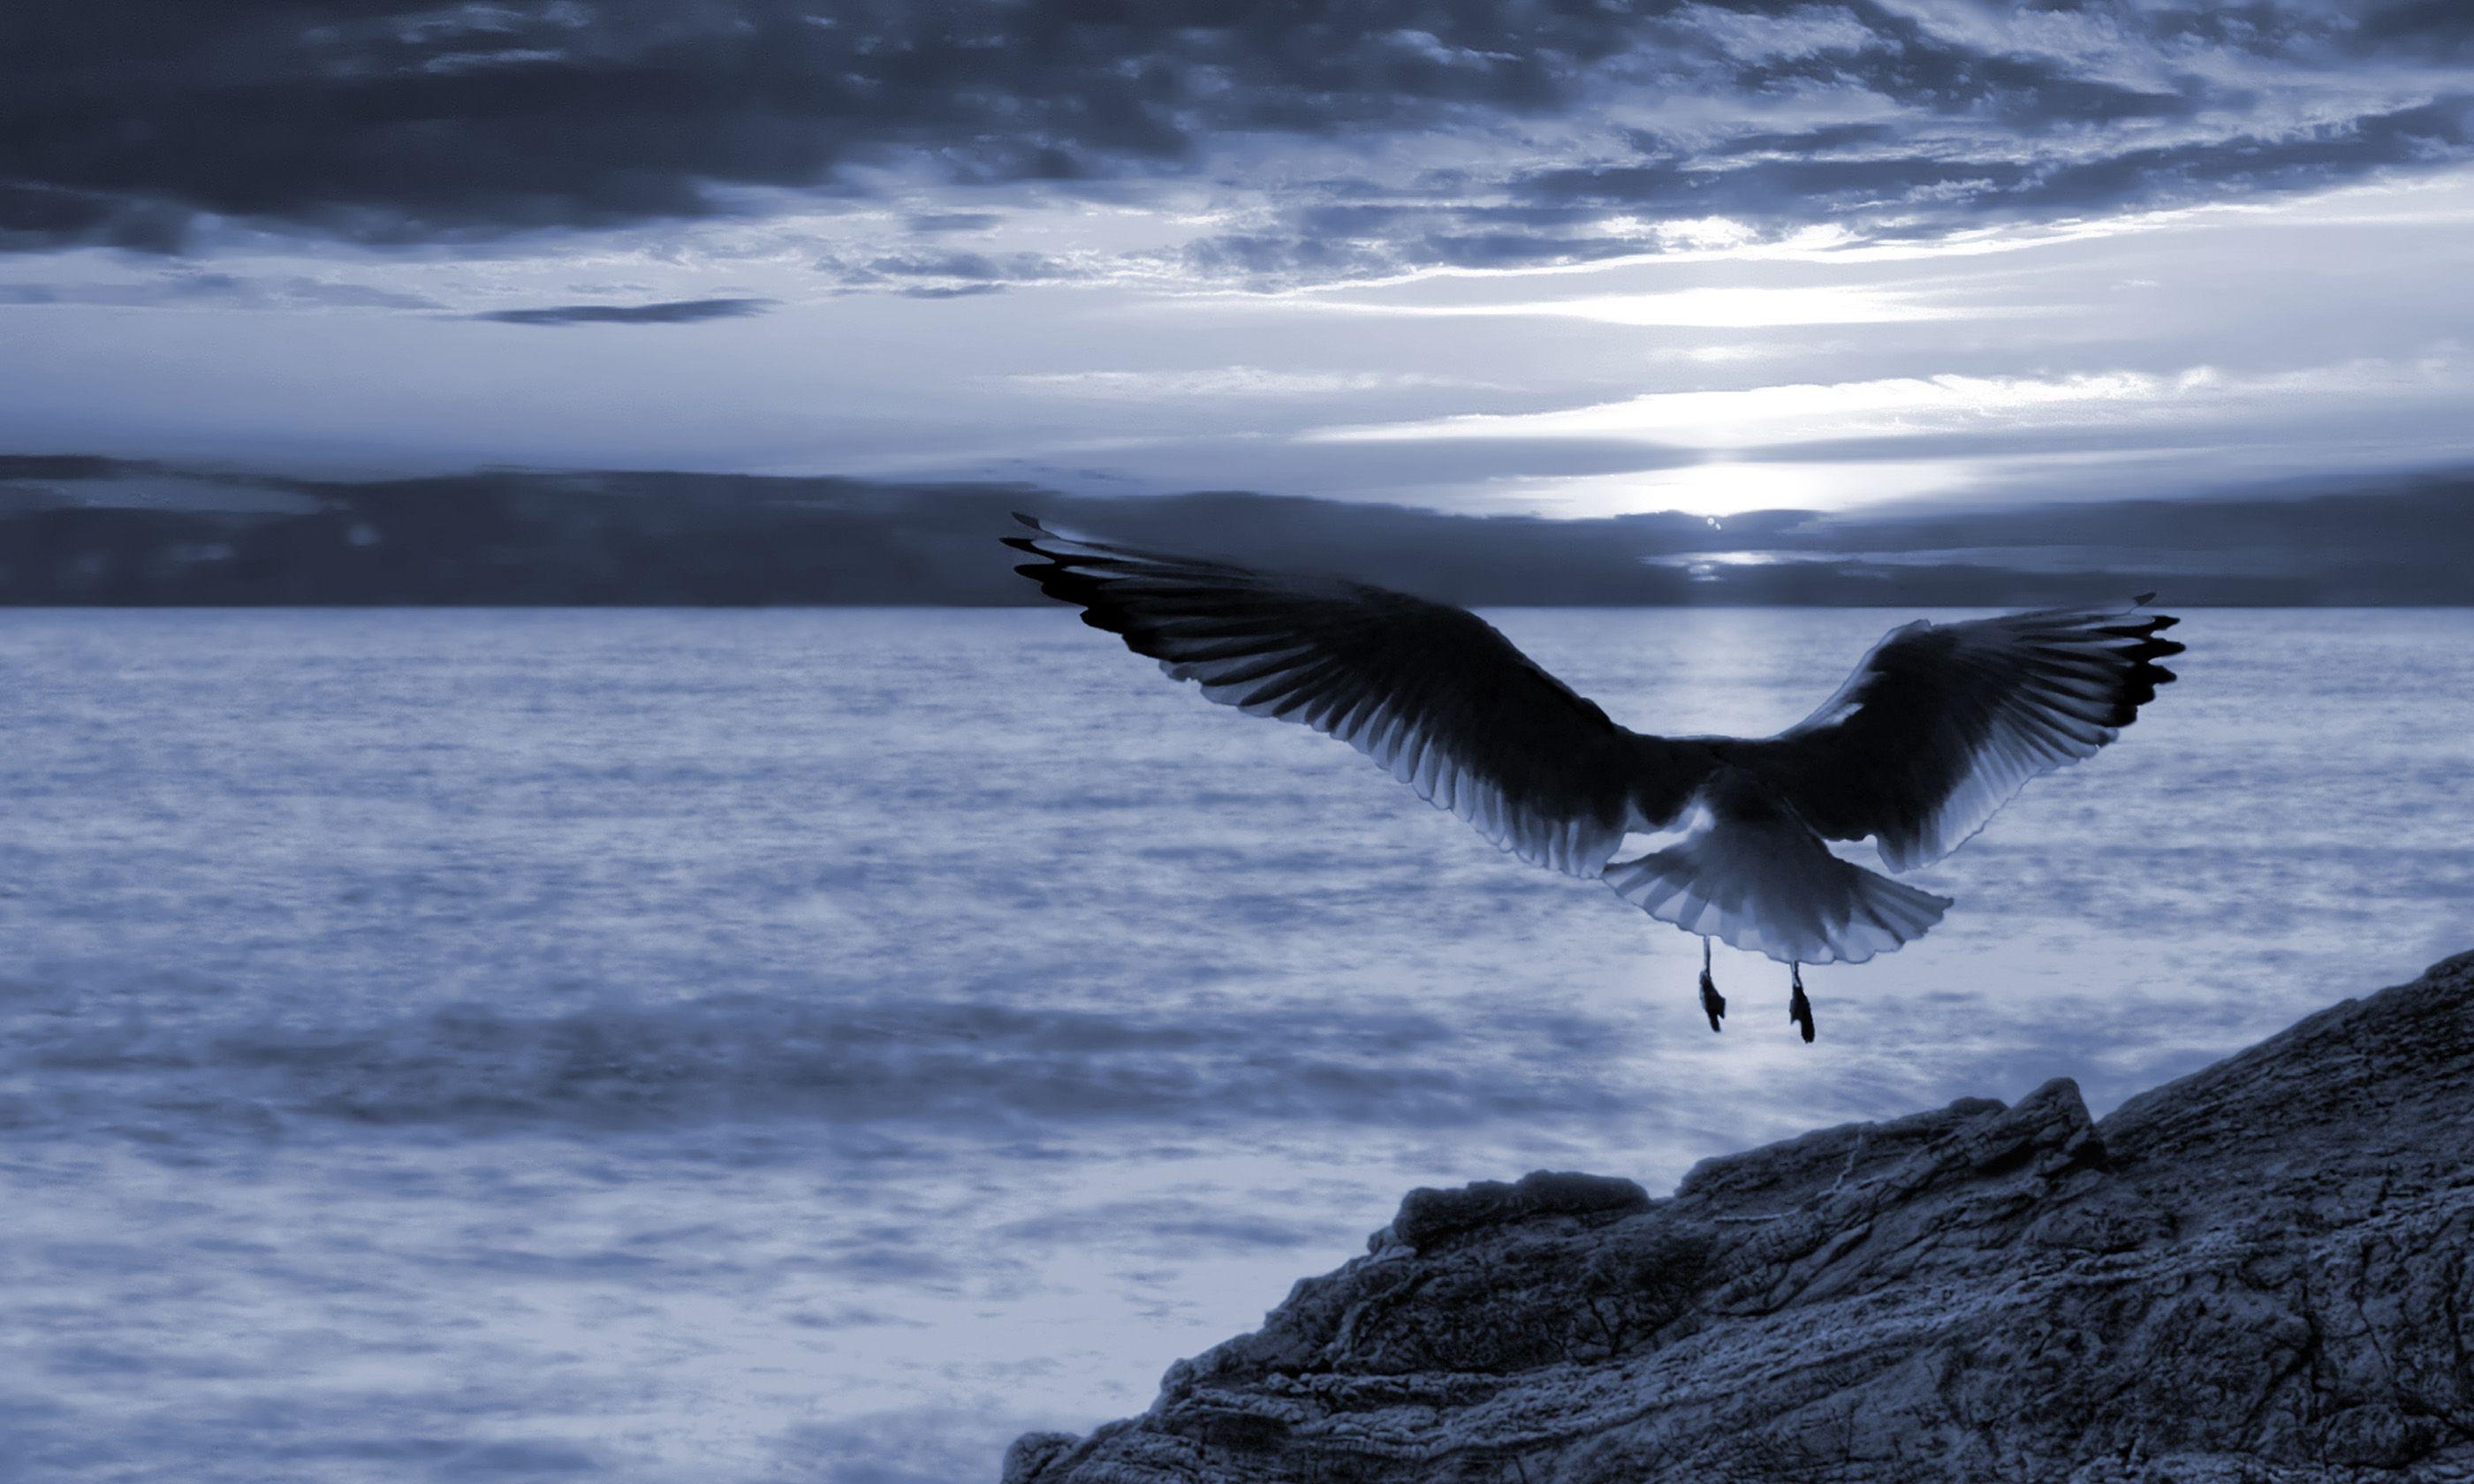 A bird flying at night (Shutterstock.com)